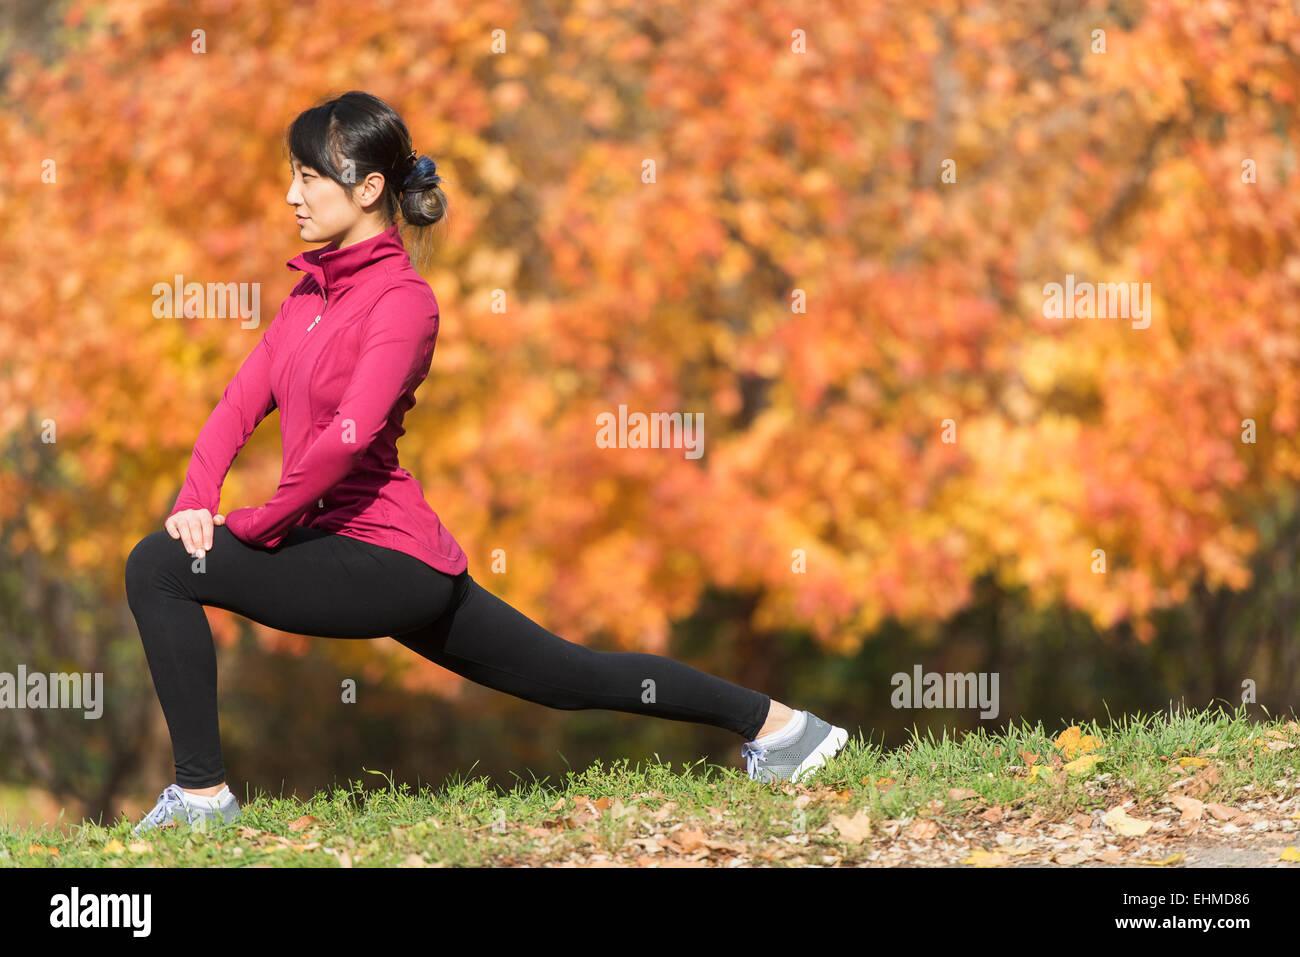 Asiatische Läufer Strecken im park Stockfoto